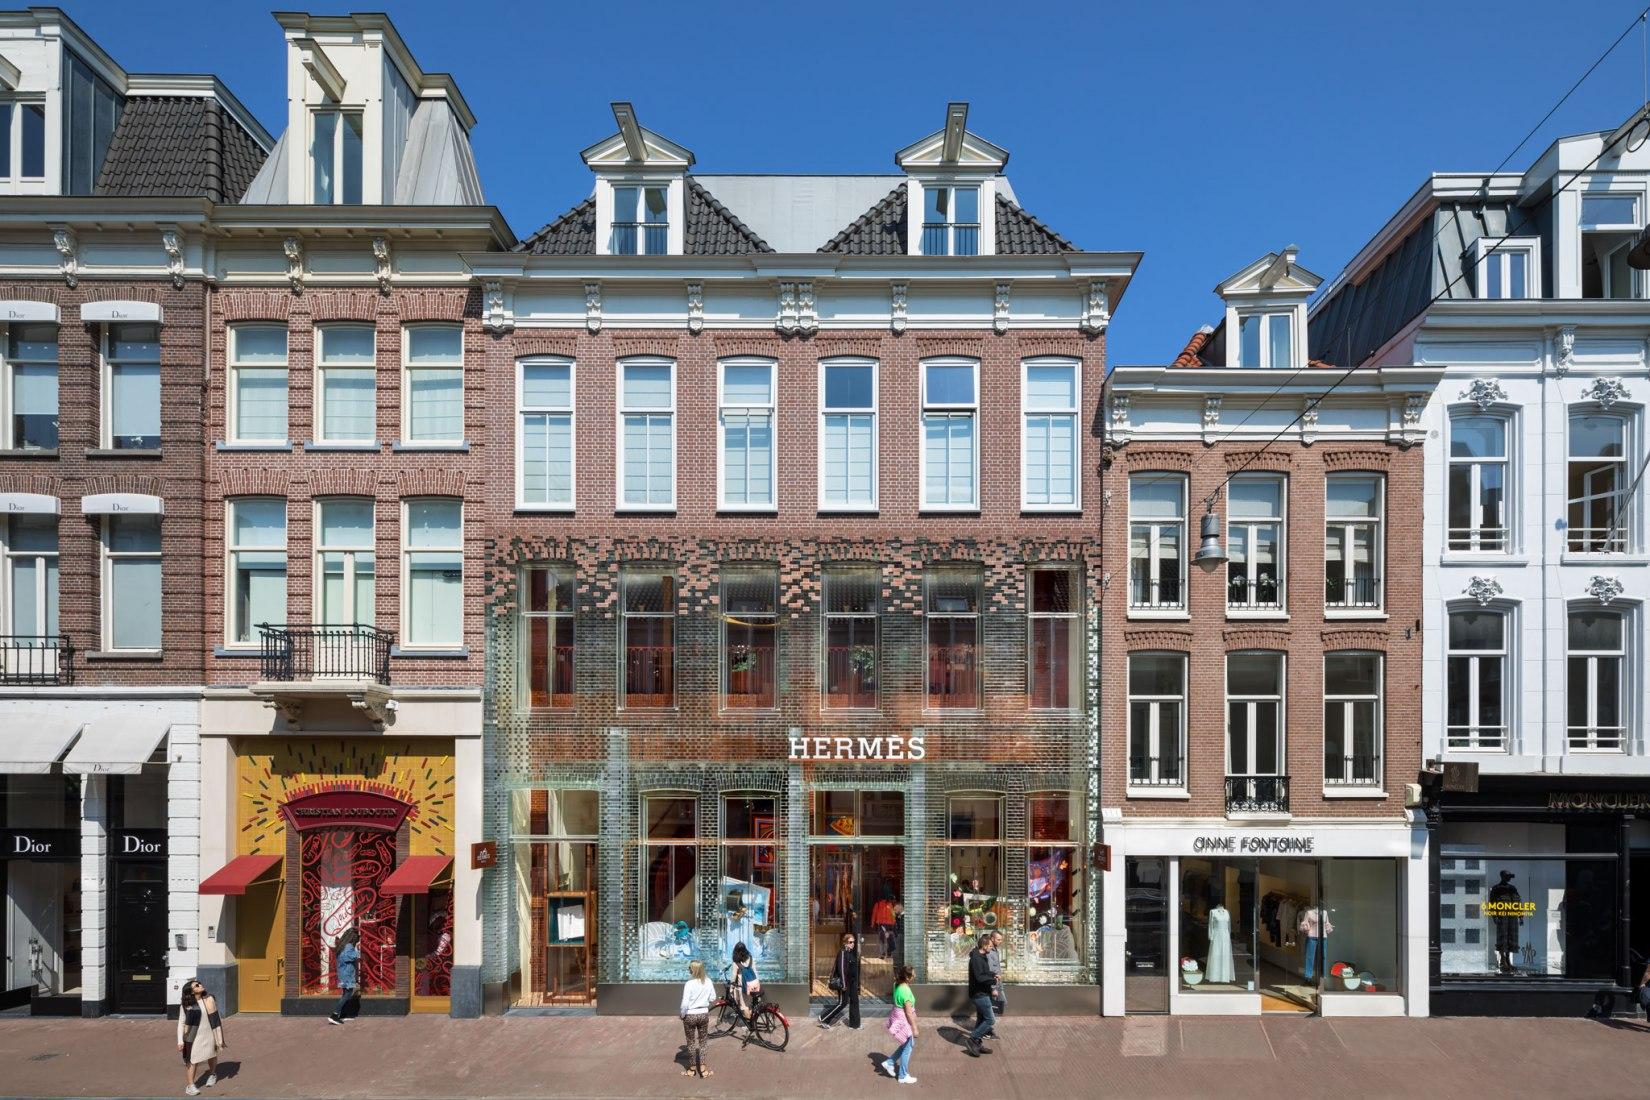 Nueva fachada deCrystal Houses por MVRDV. Fotografía de Daria Scagliola & Stijn Brakkee.